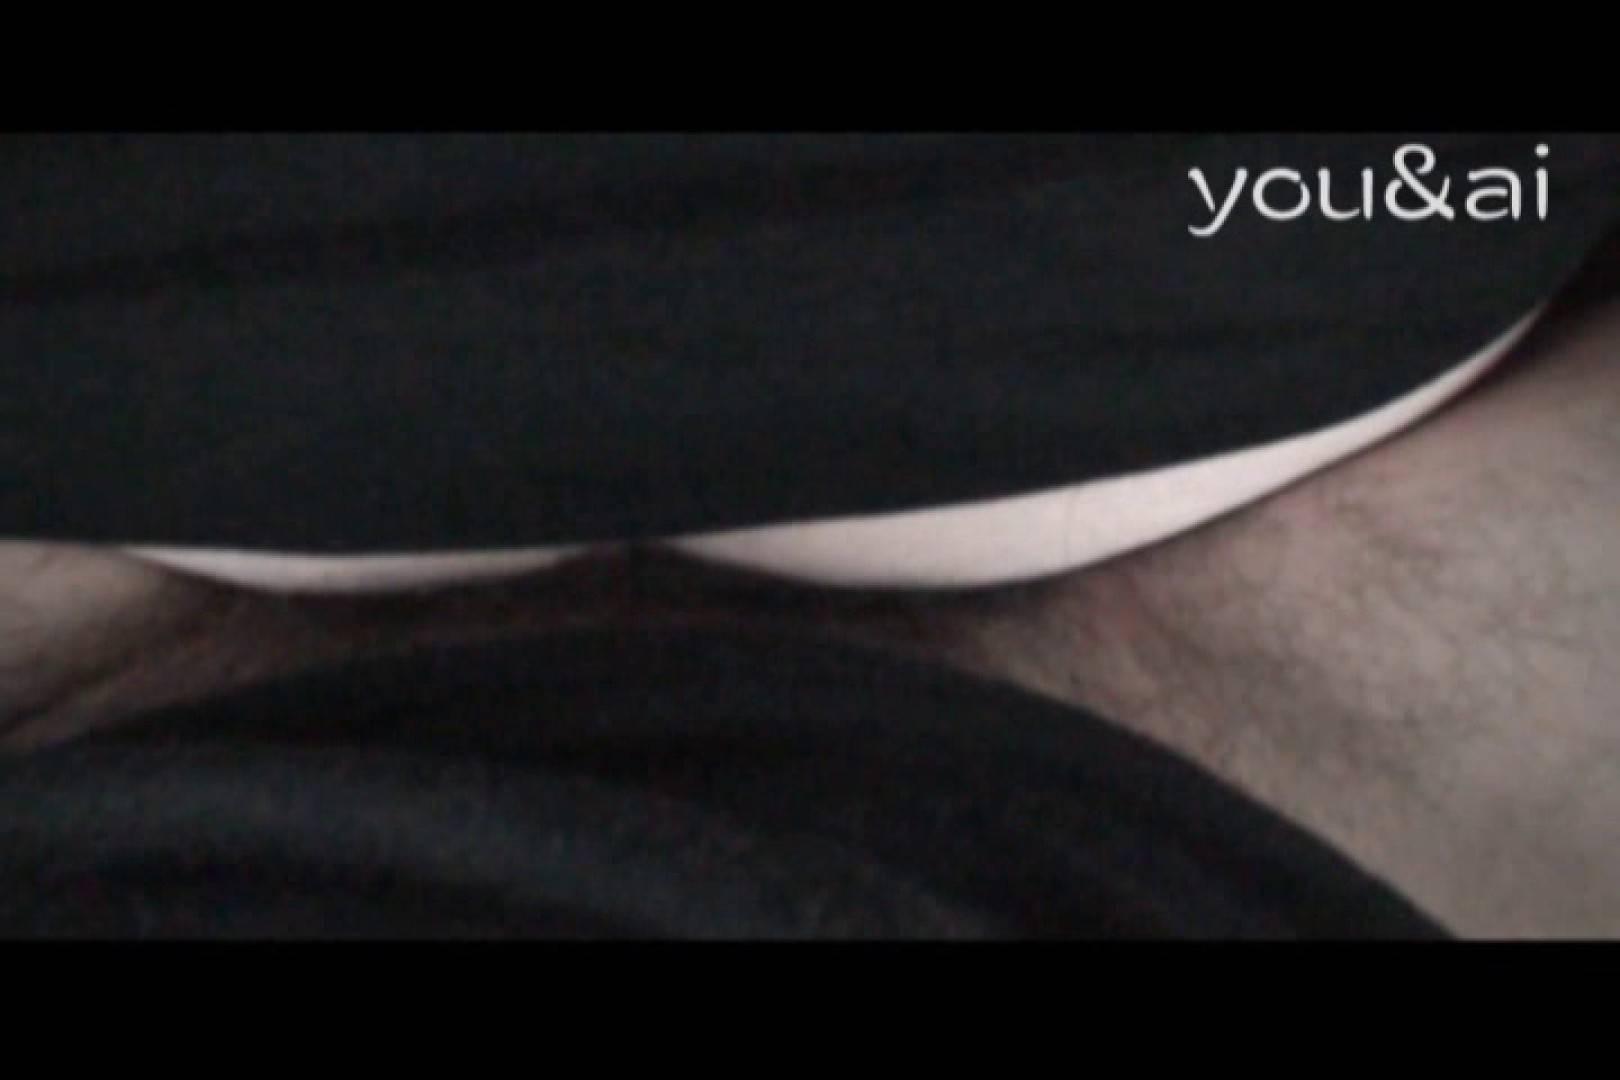 おしどり夫婦のyou&aiさん投稿作品vol.8 美女OL AV動画キャプチャ 69連発 14